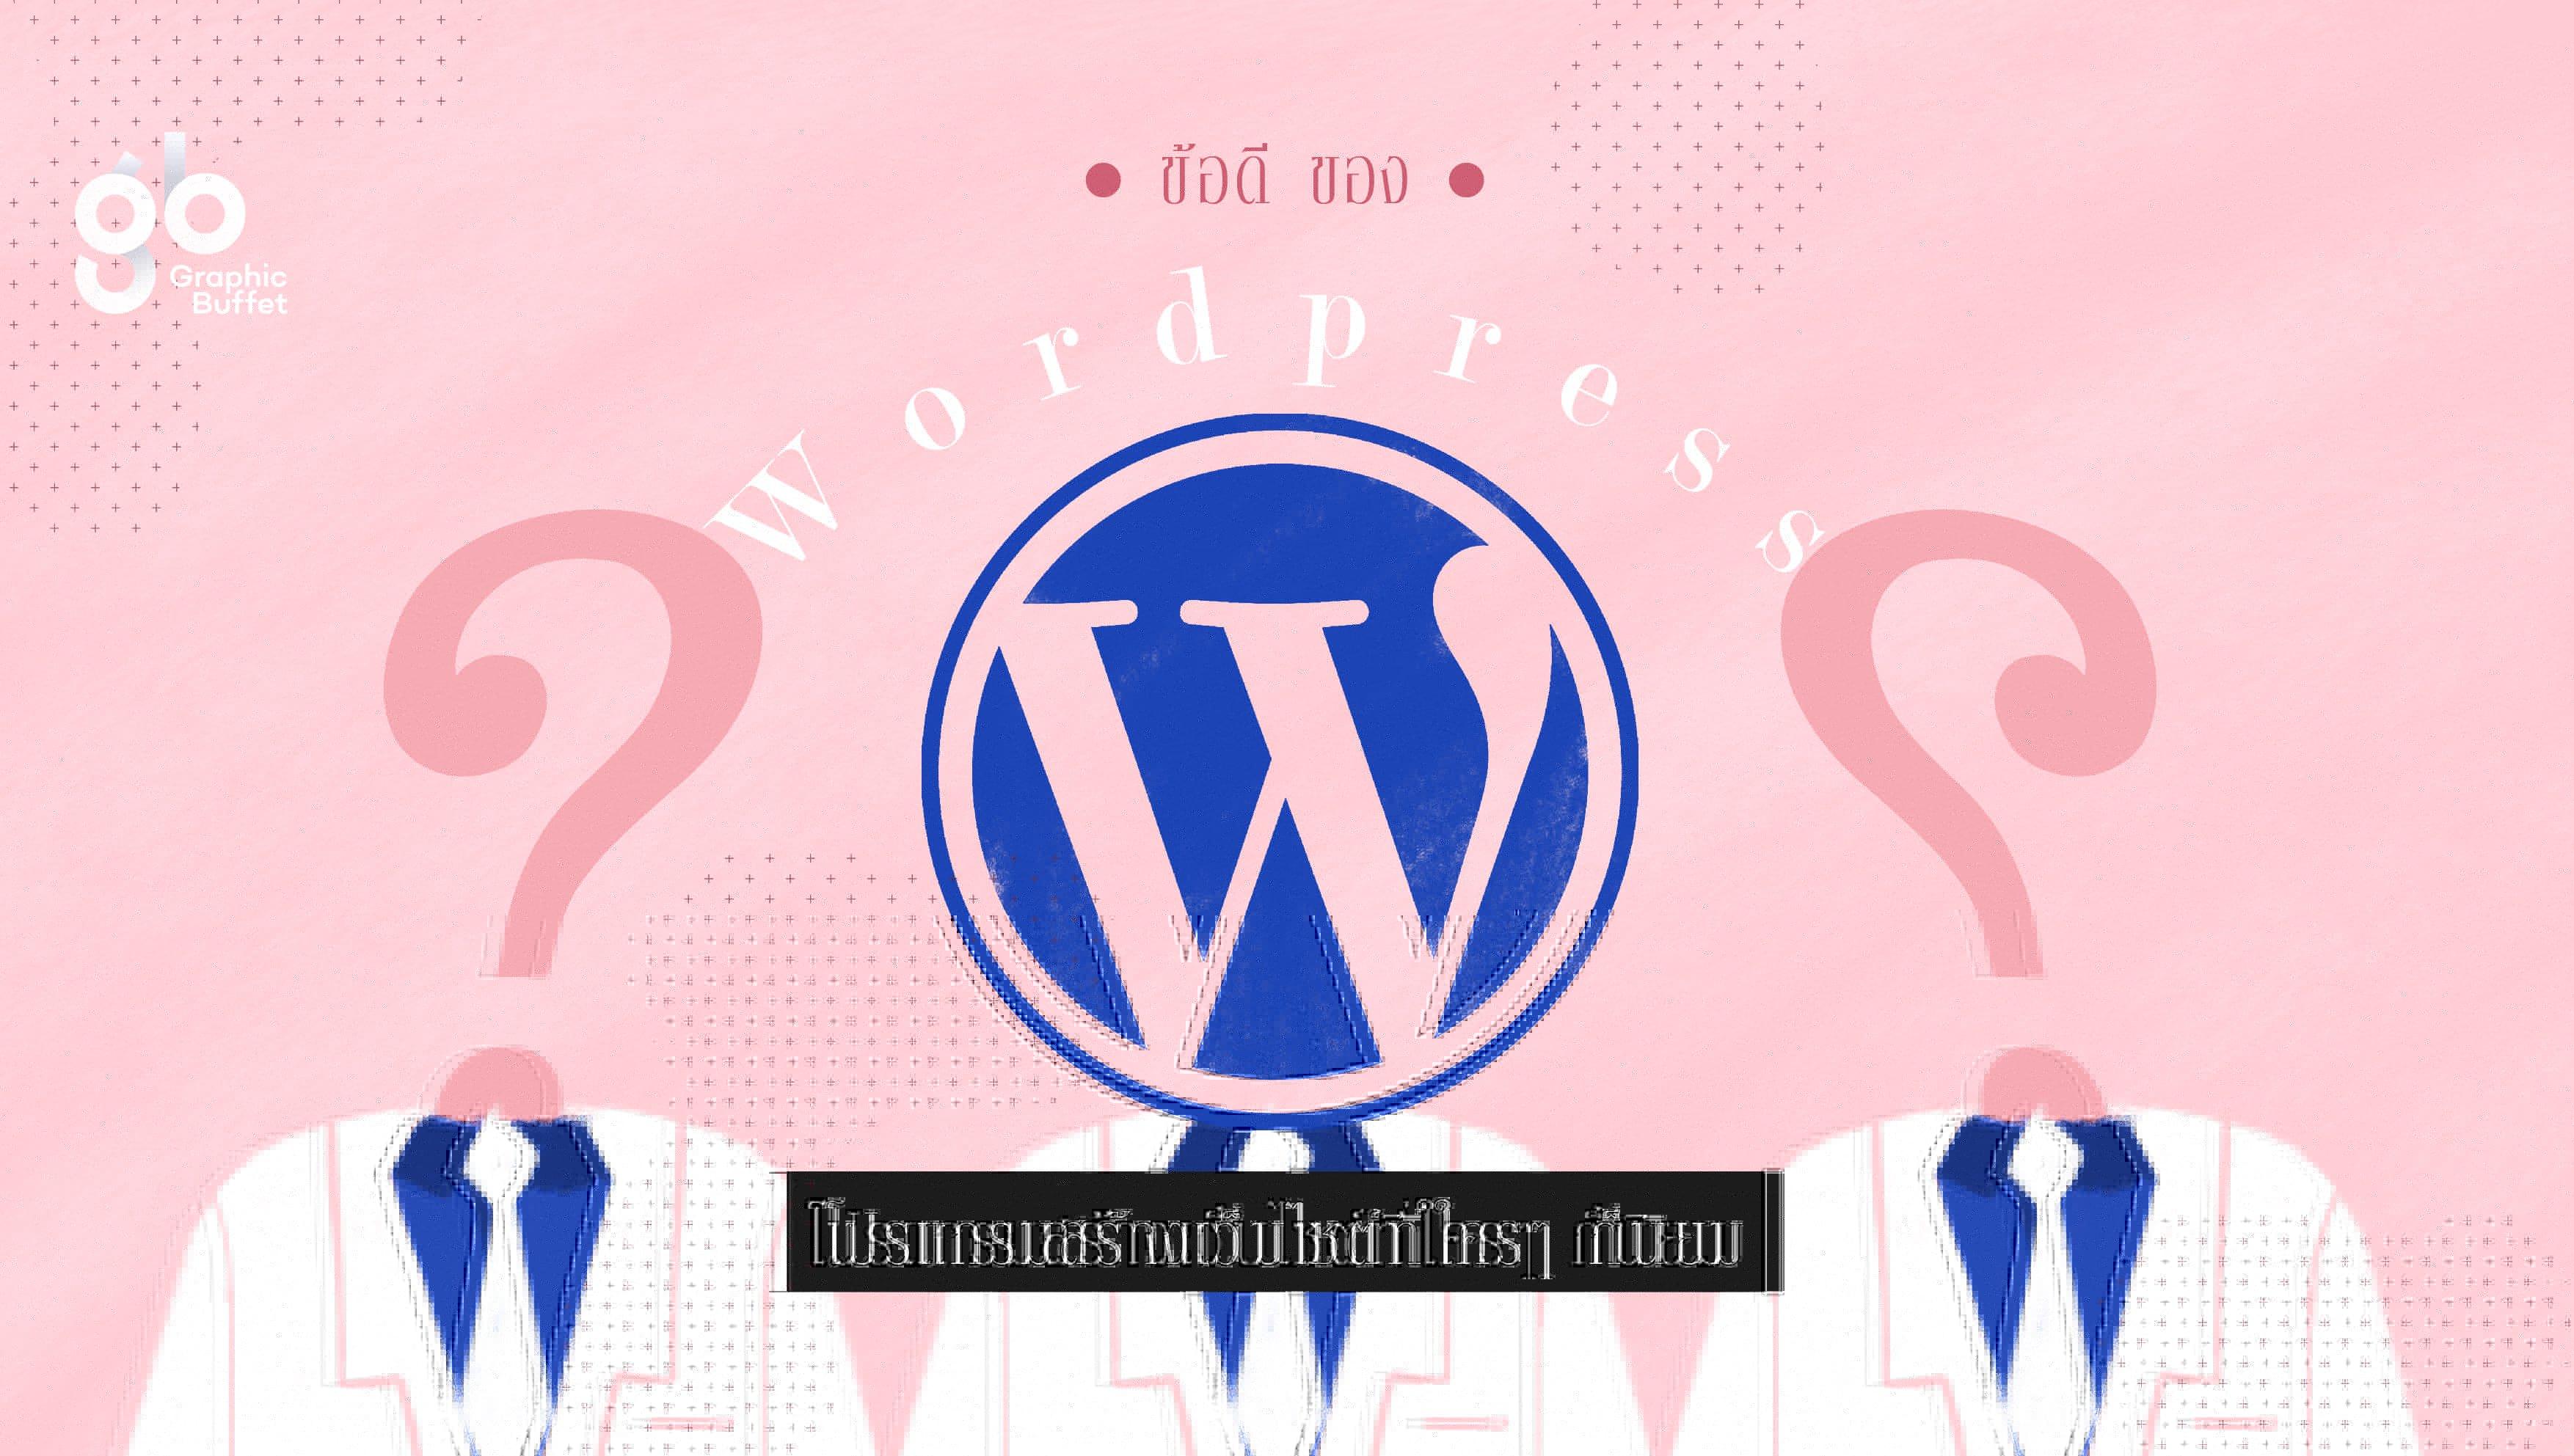 ข้อดีของ Wordpress โปรแกรมสร้างเว็บไซต์ที่ใครๆ ก็นิยม